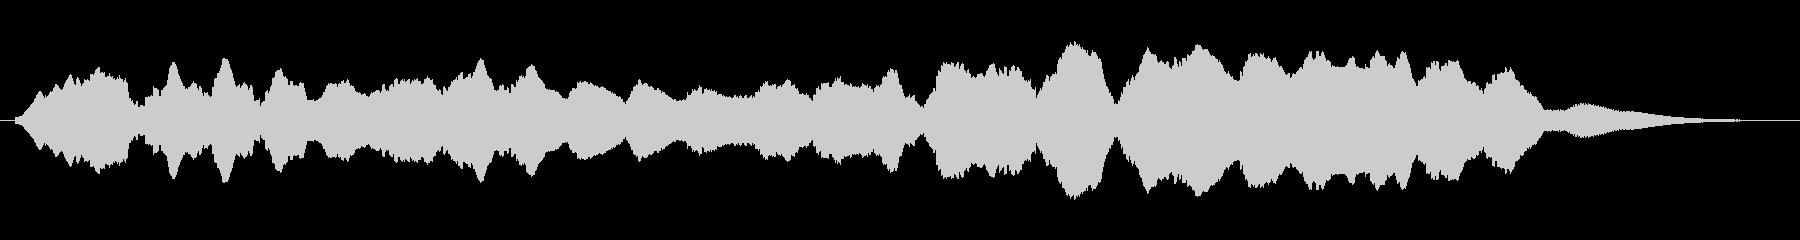 素材 シンセベーススムースロング03の未再生の波形